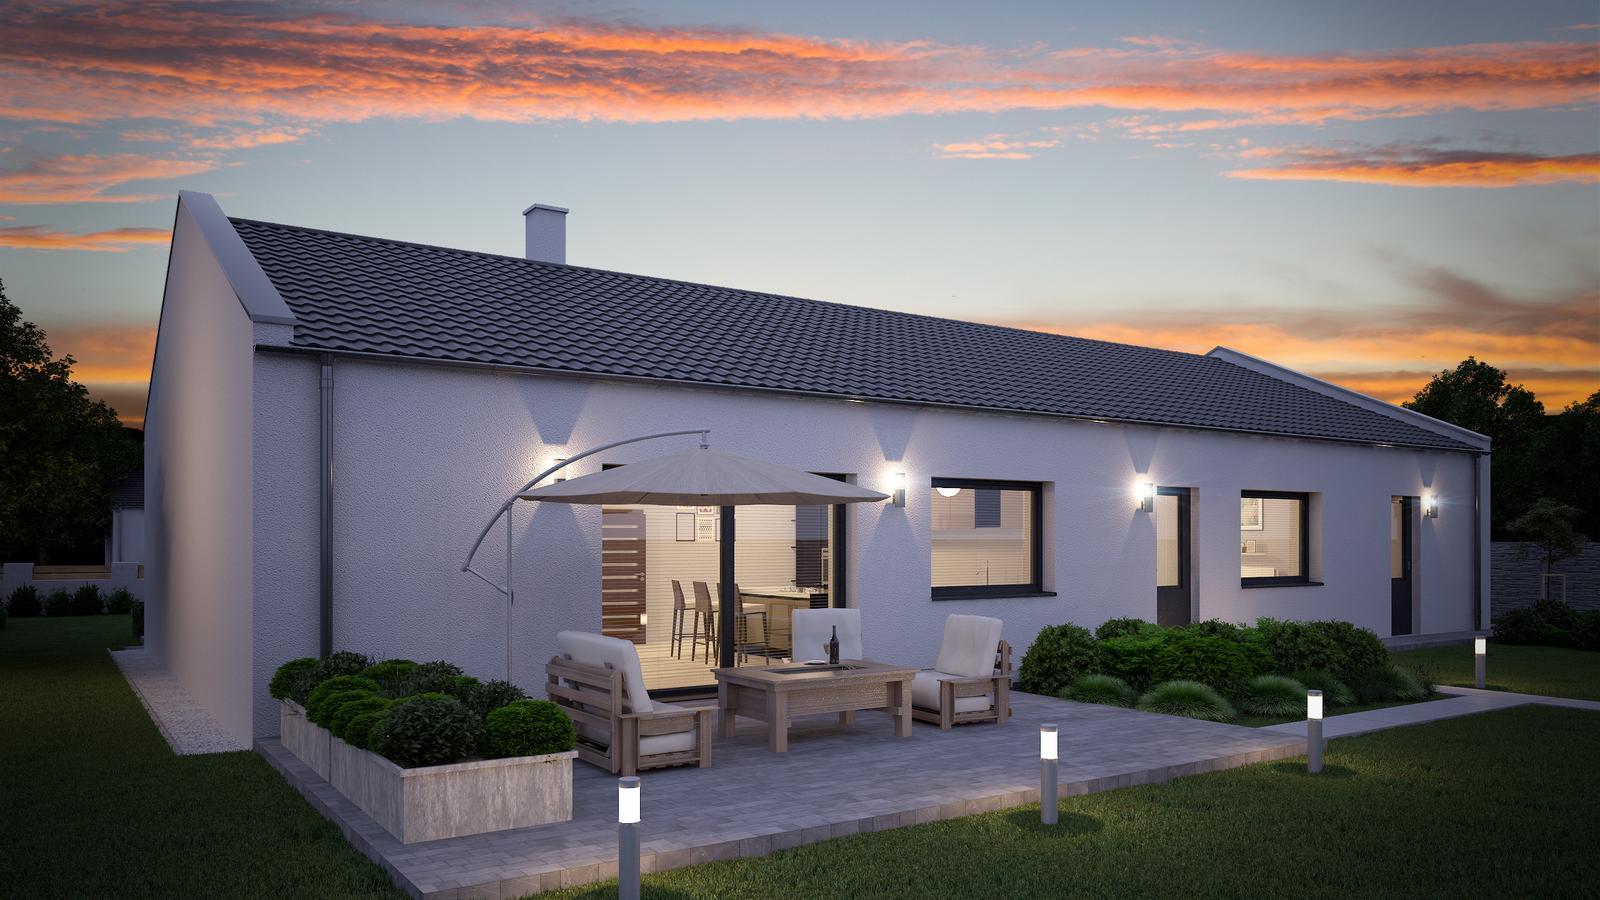 Ďalšie ukážky návrhov domčekov pre Vás - www.rodinny-dom.eu - Obrázok č. 27